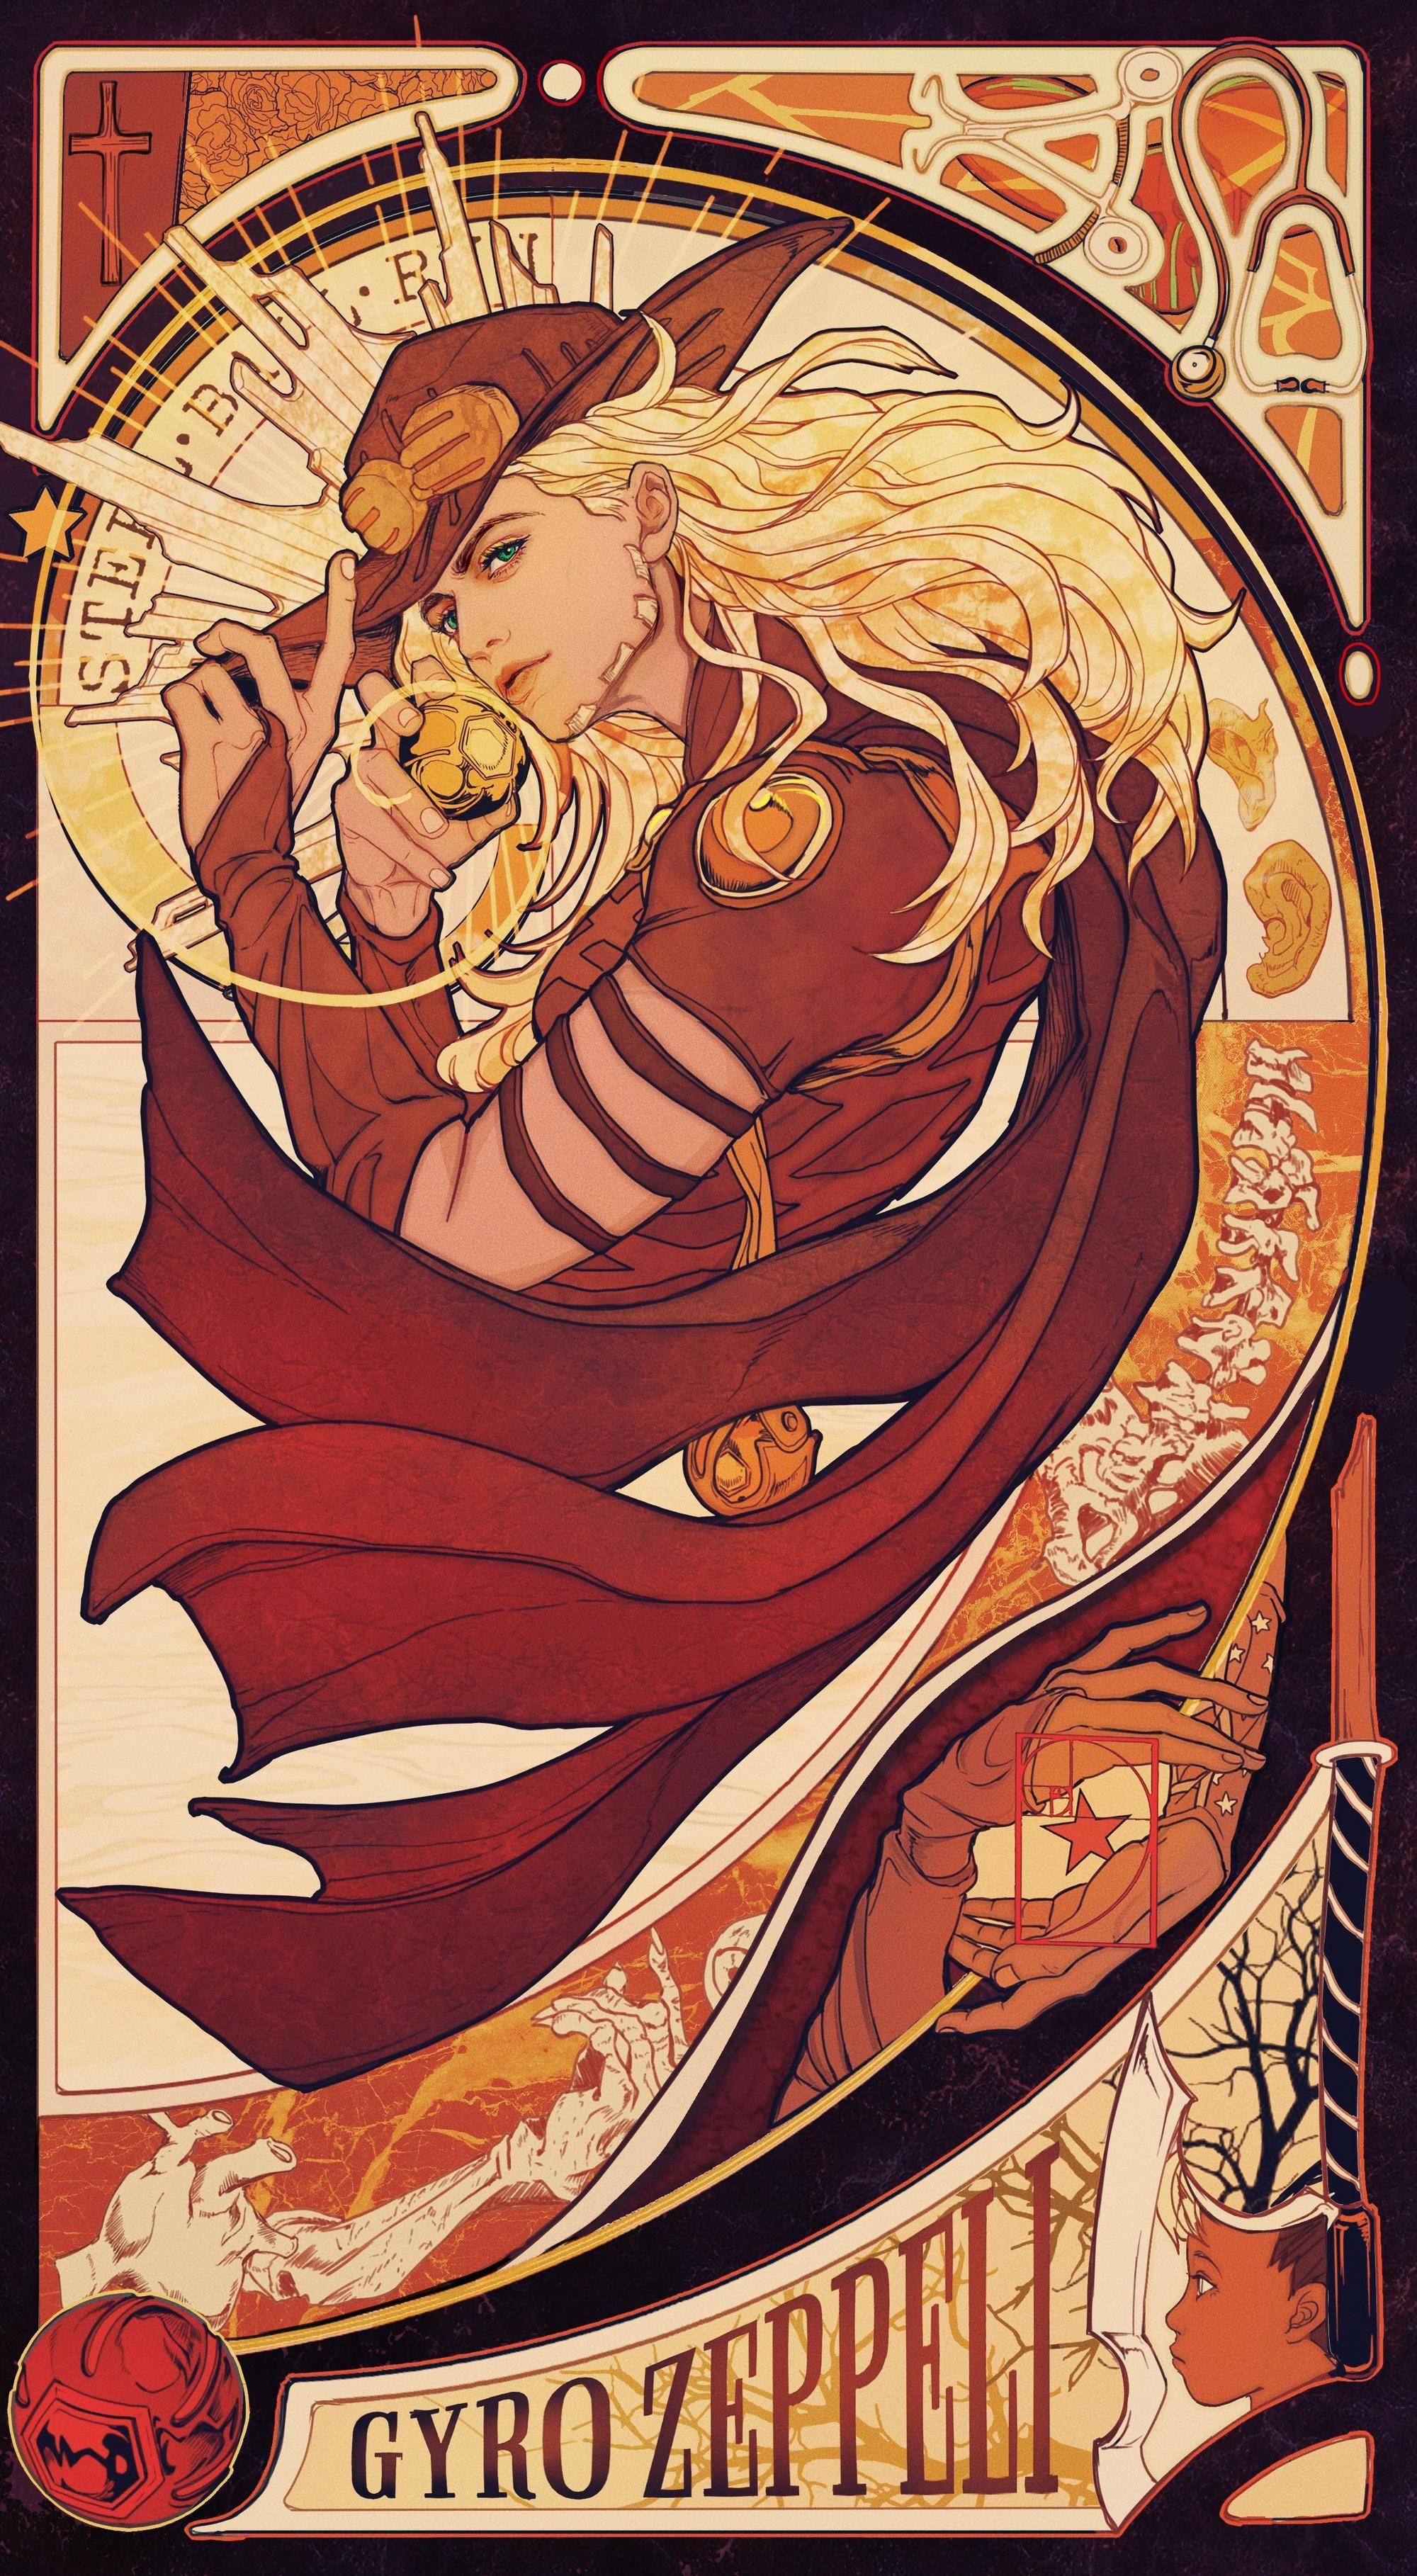 Jojo Hd Wallpaper Jojo S Bizarre Adventure Jojo S Bizarre Adventure Anime Jojo Bizzare Adventure